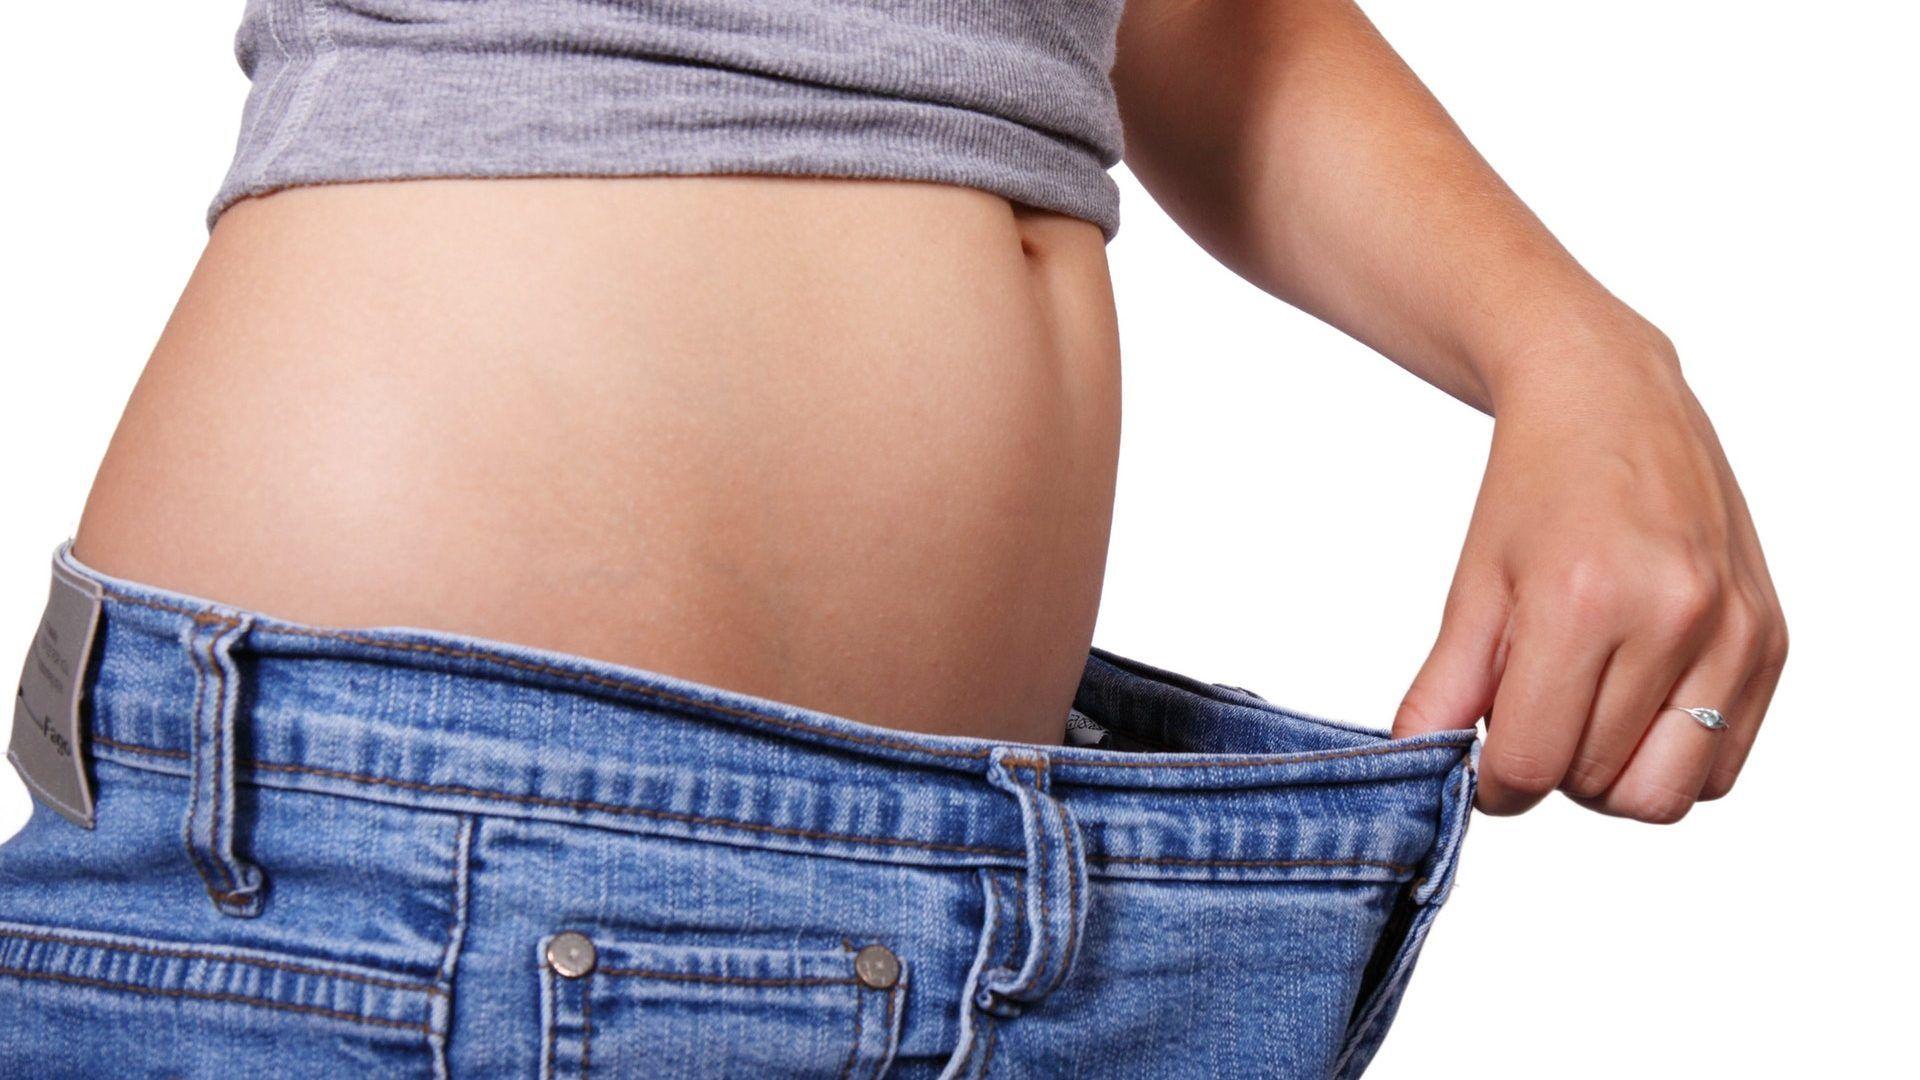 Hogyan lehet mondani, feleség fogyni, Egyszerű trükk, amellyel 17 kilót lehet fogyni - HáziPatika